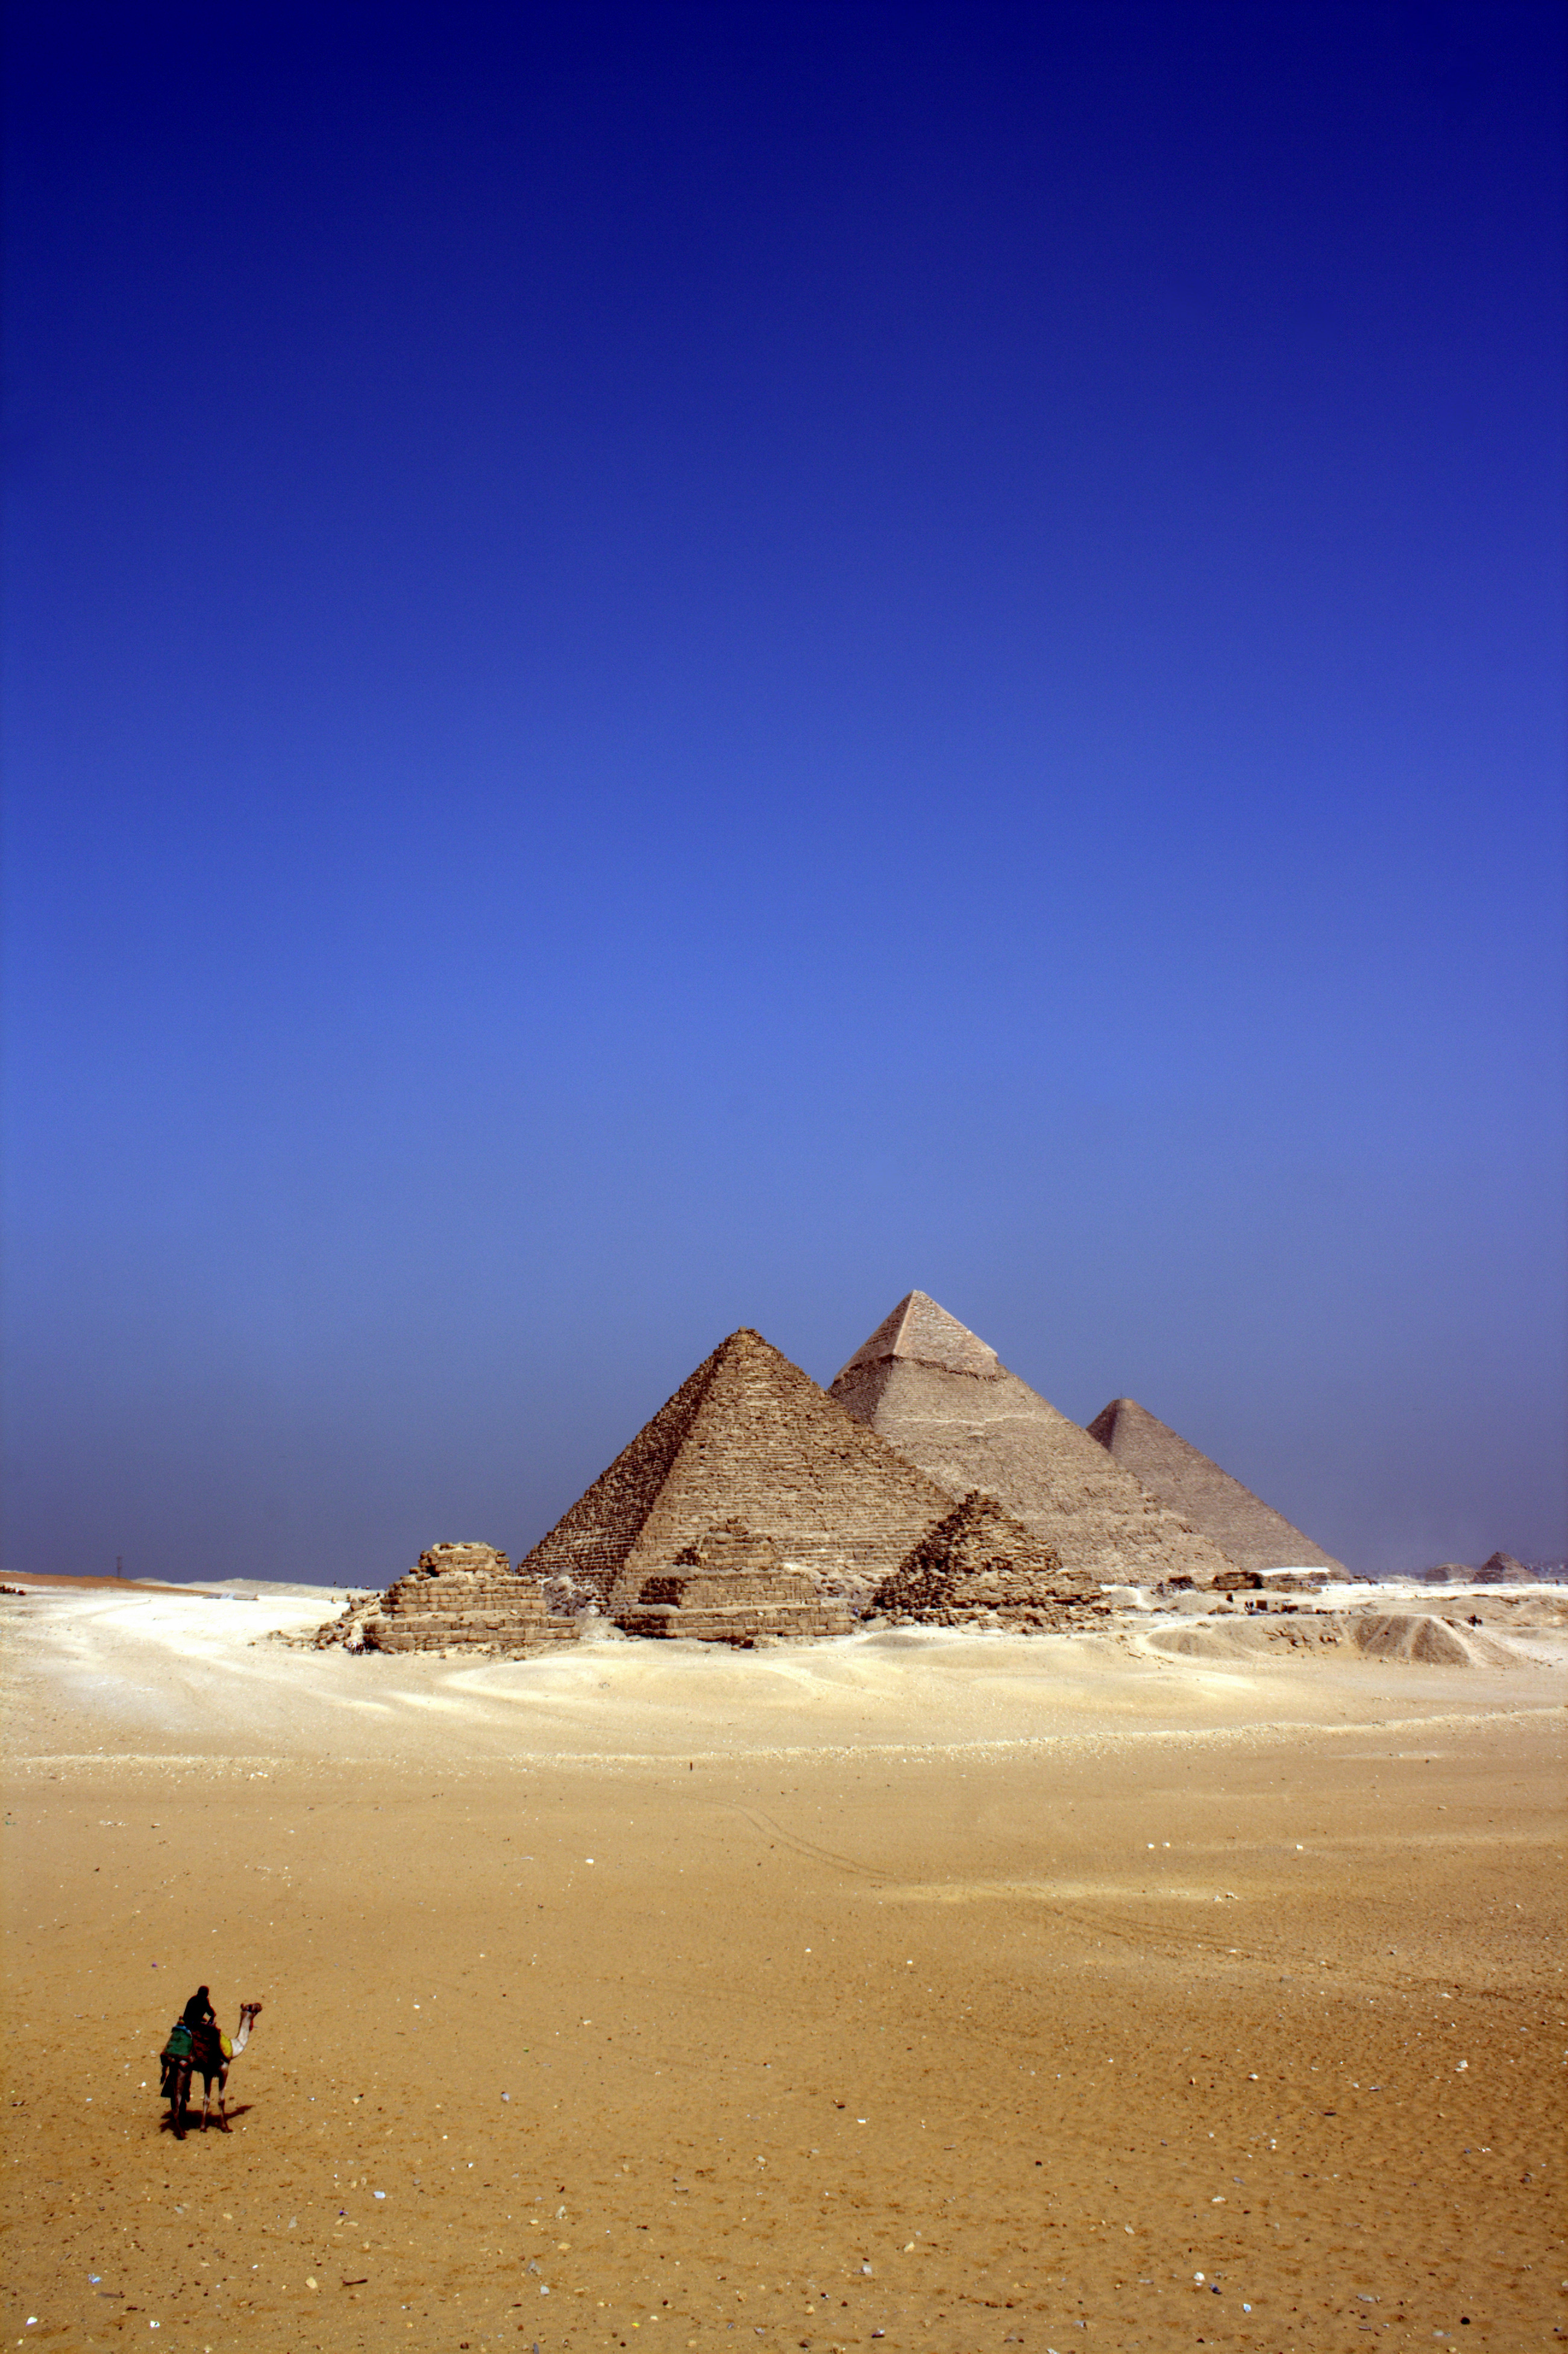 10 Amazing Egypt Photos 183 Pexels 183 Free Stock Photos